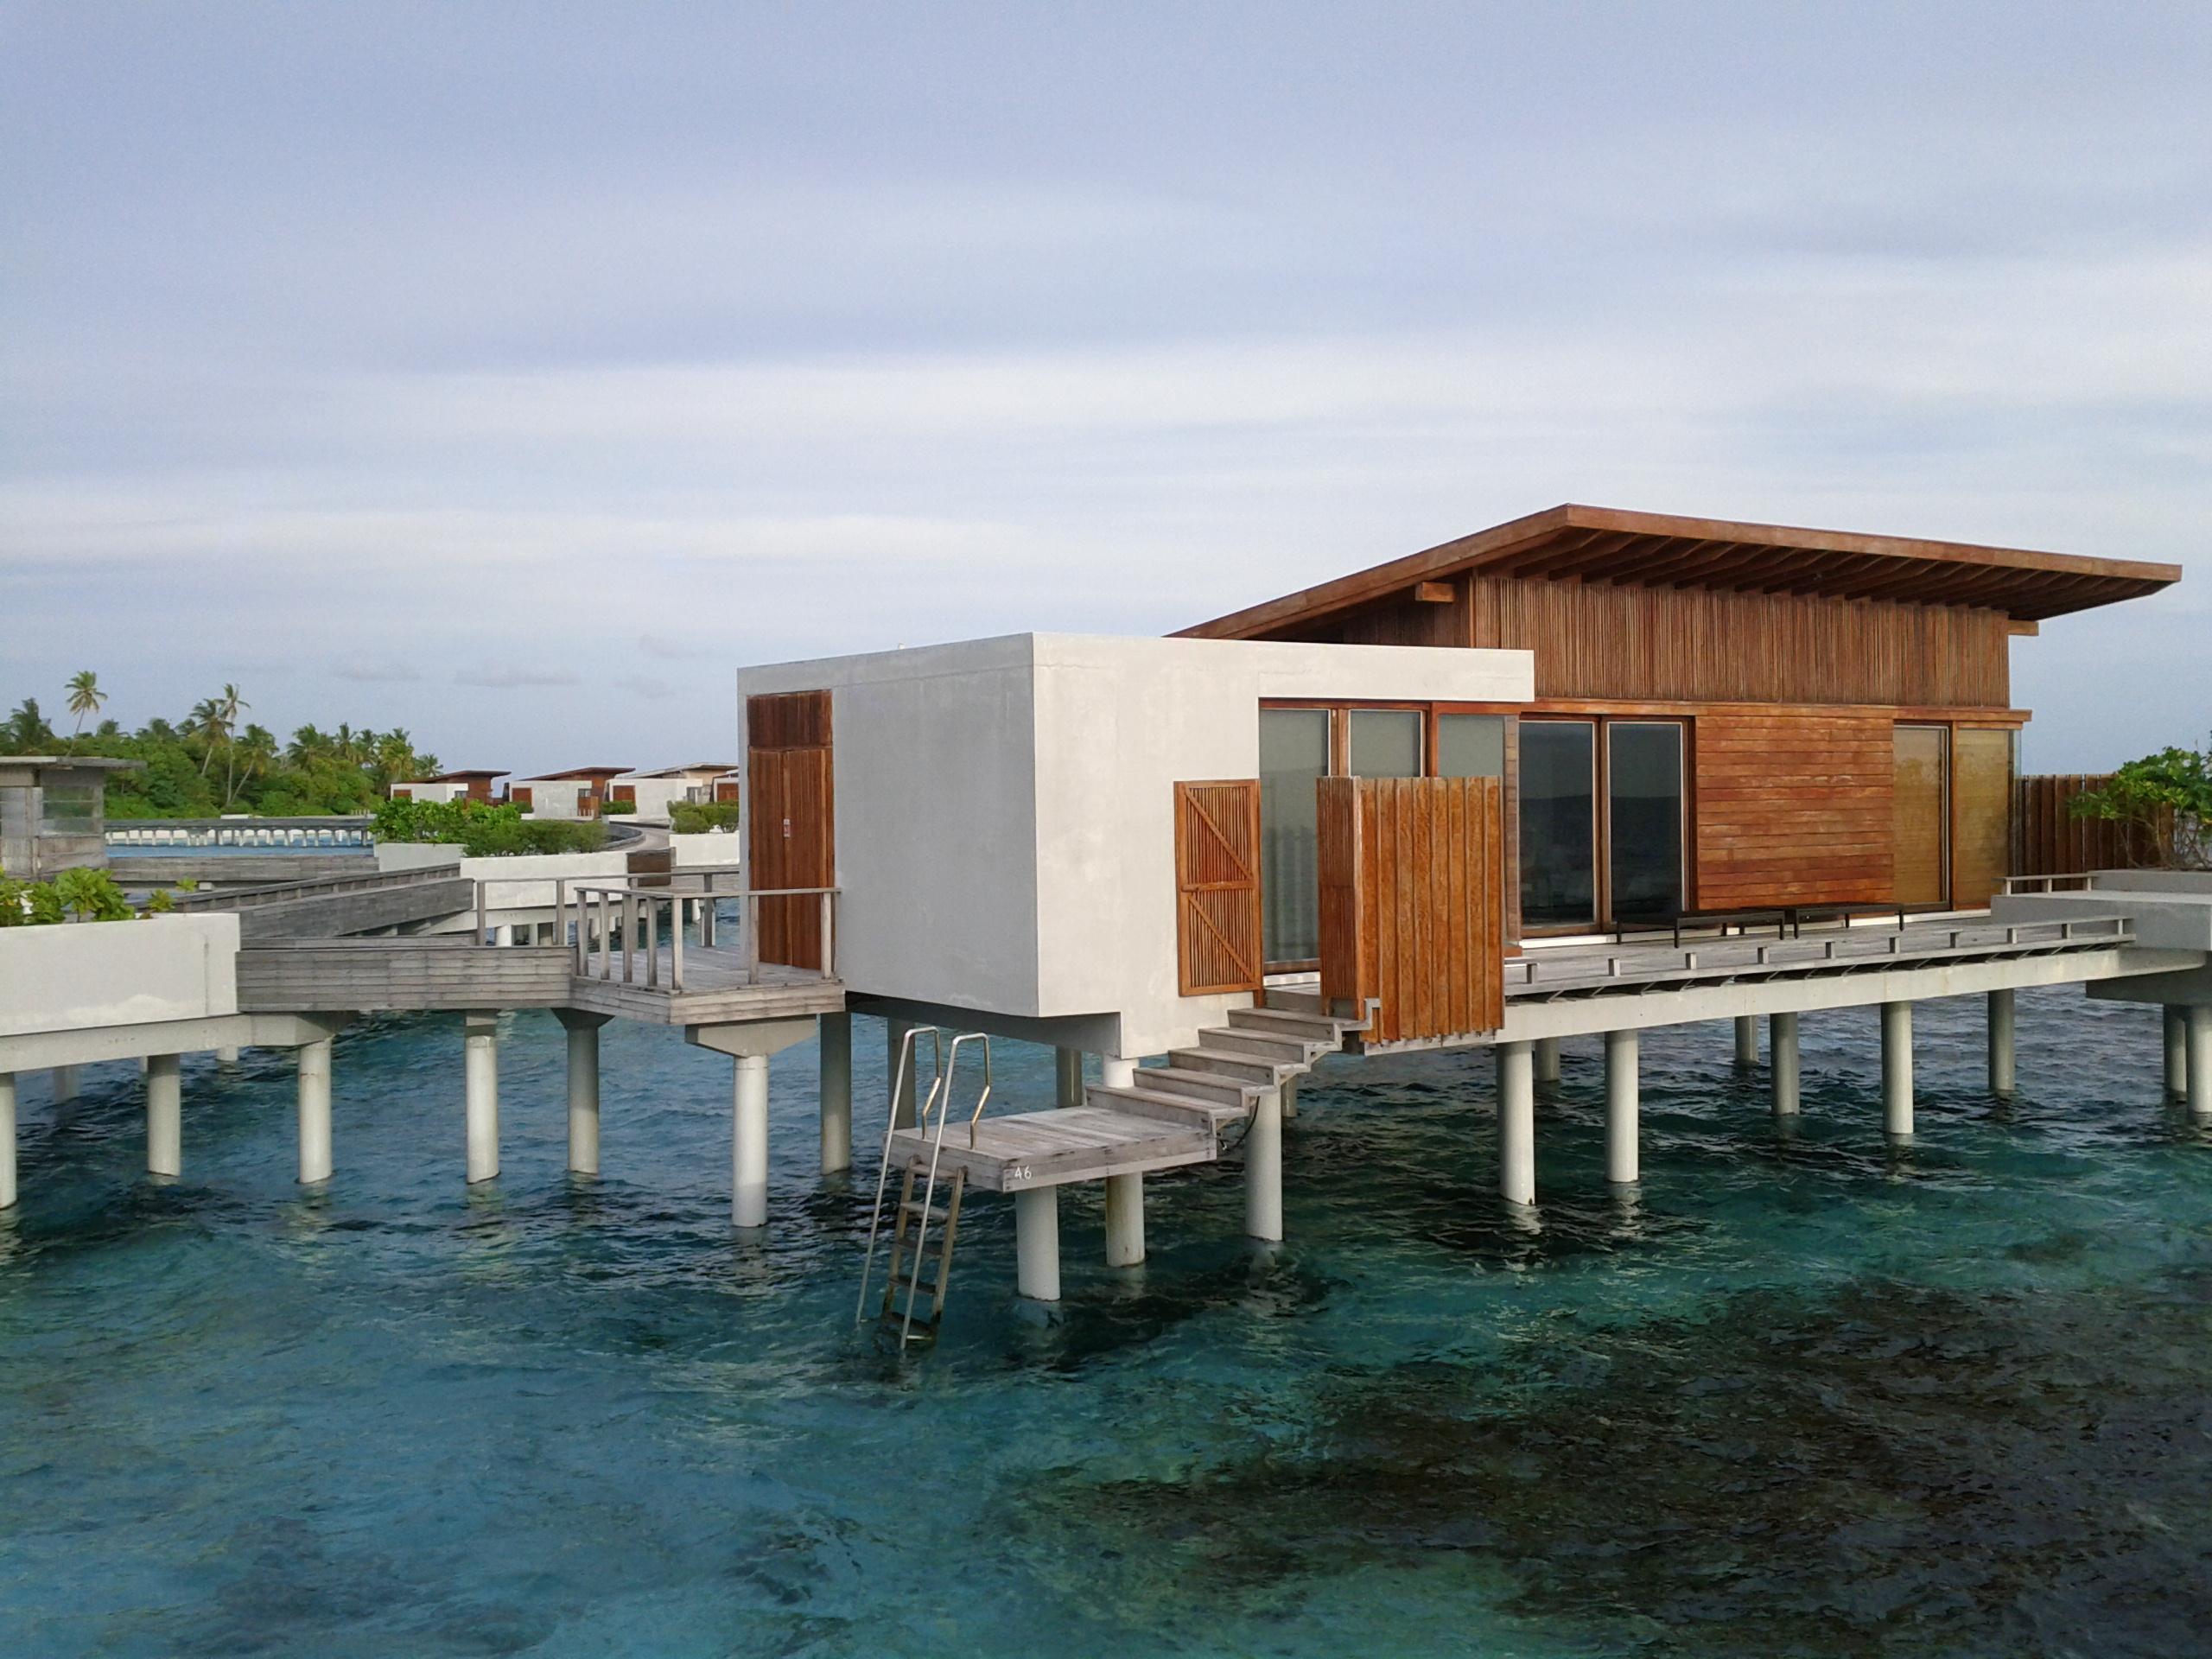 park-hyatt-maldives-hadahaa-over-water-villas-1.jpg